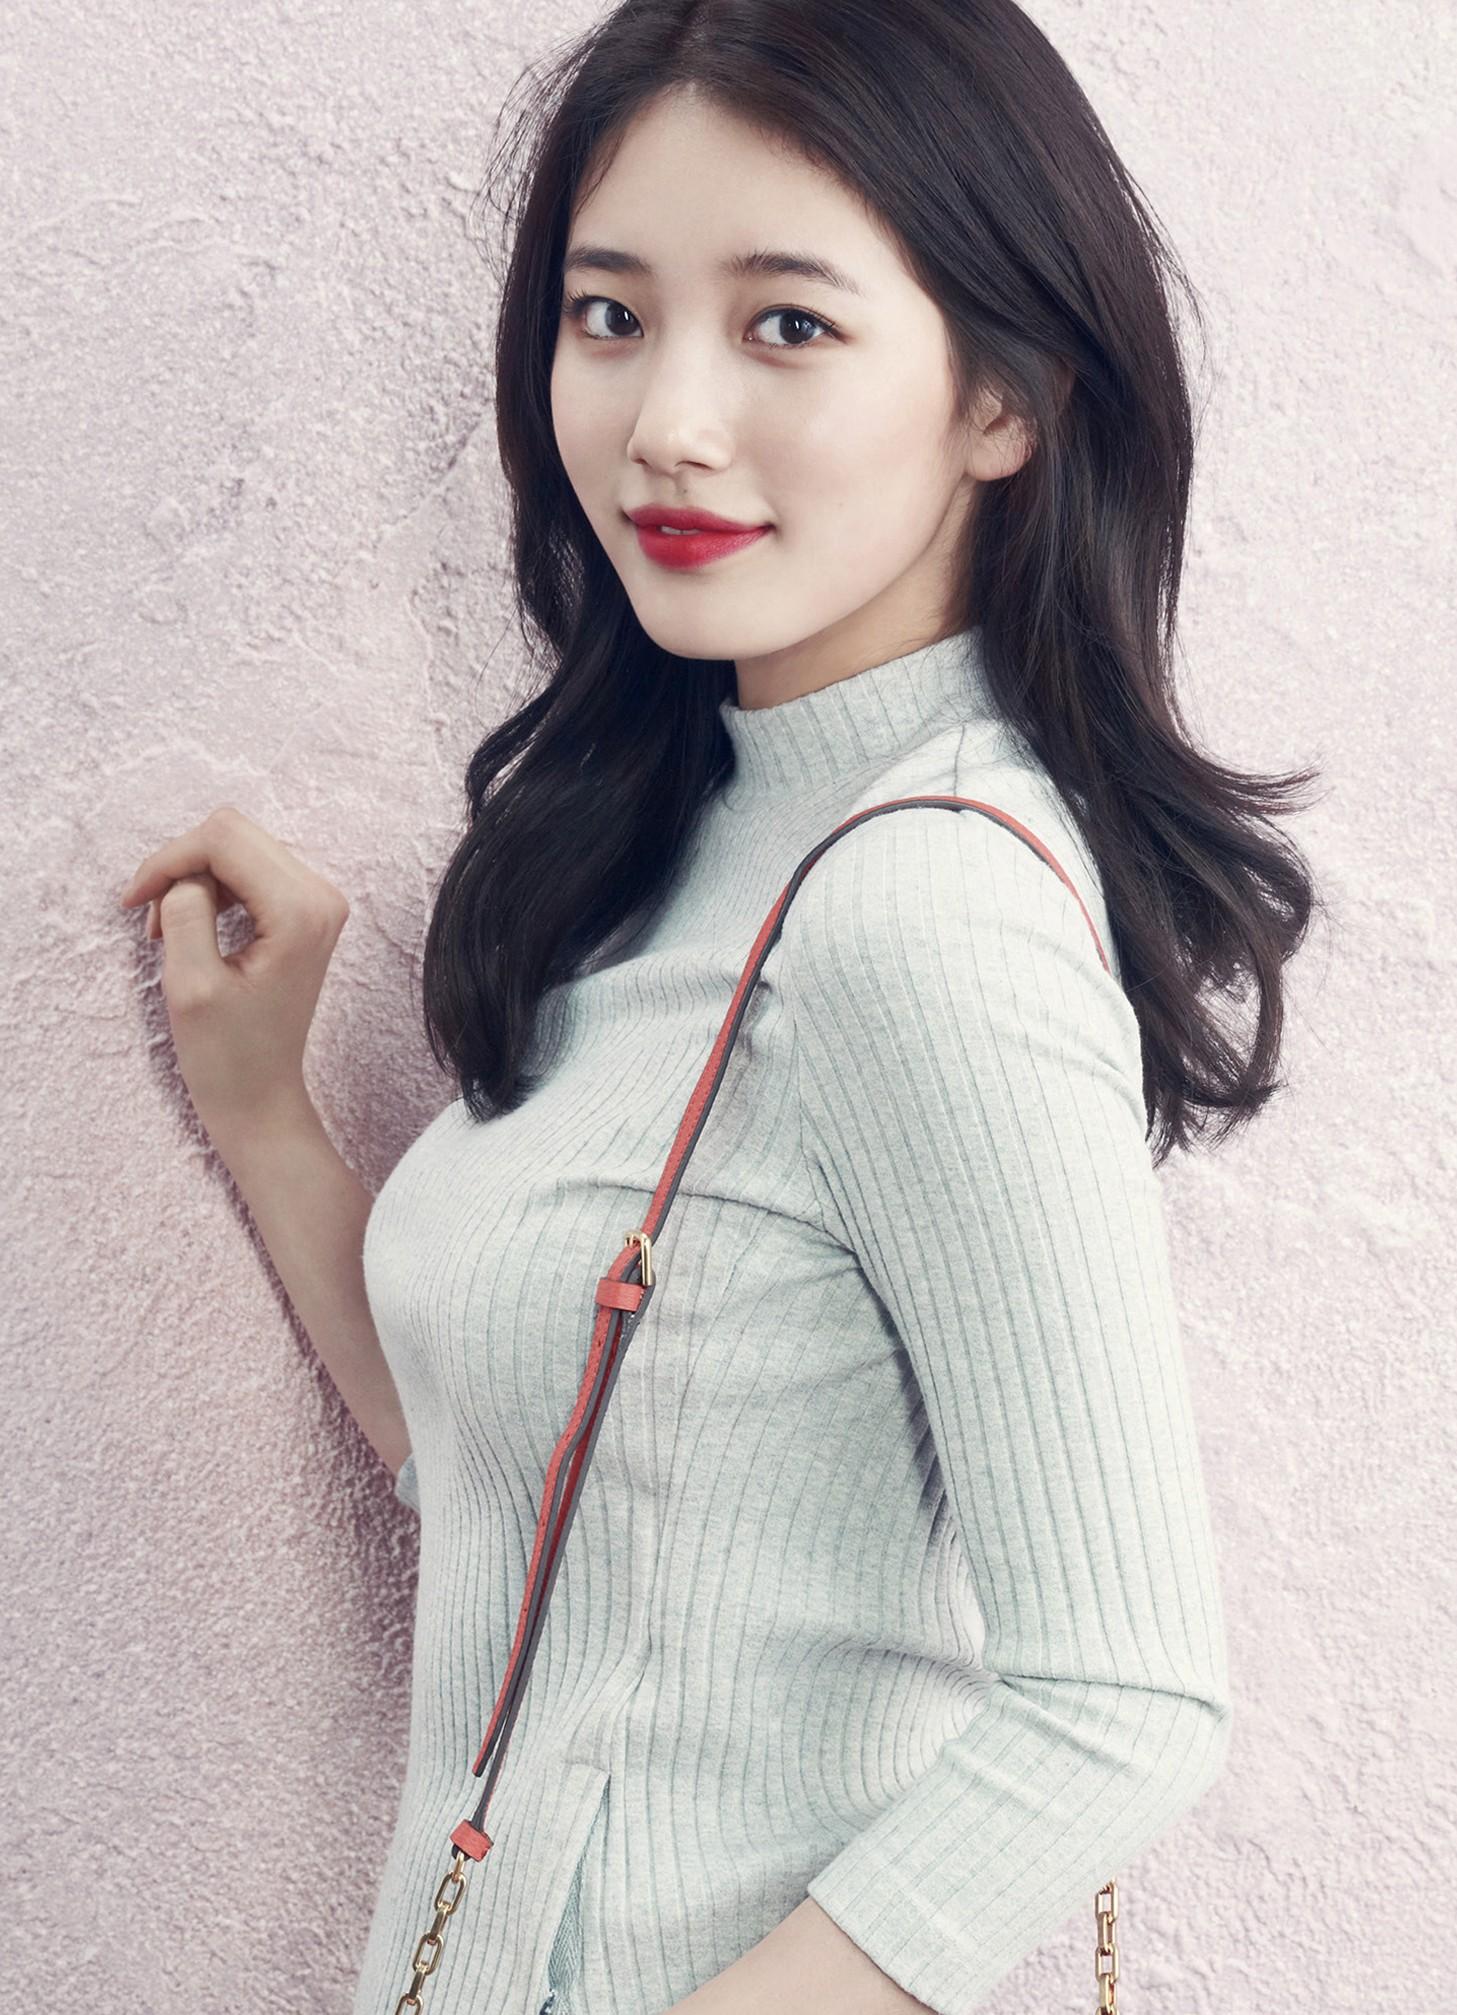 Suzy #3